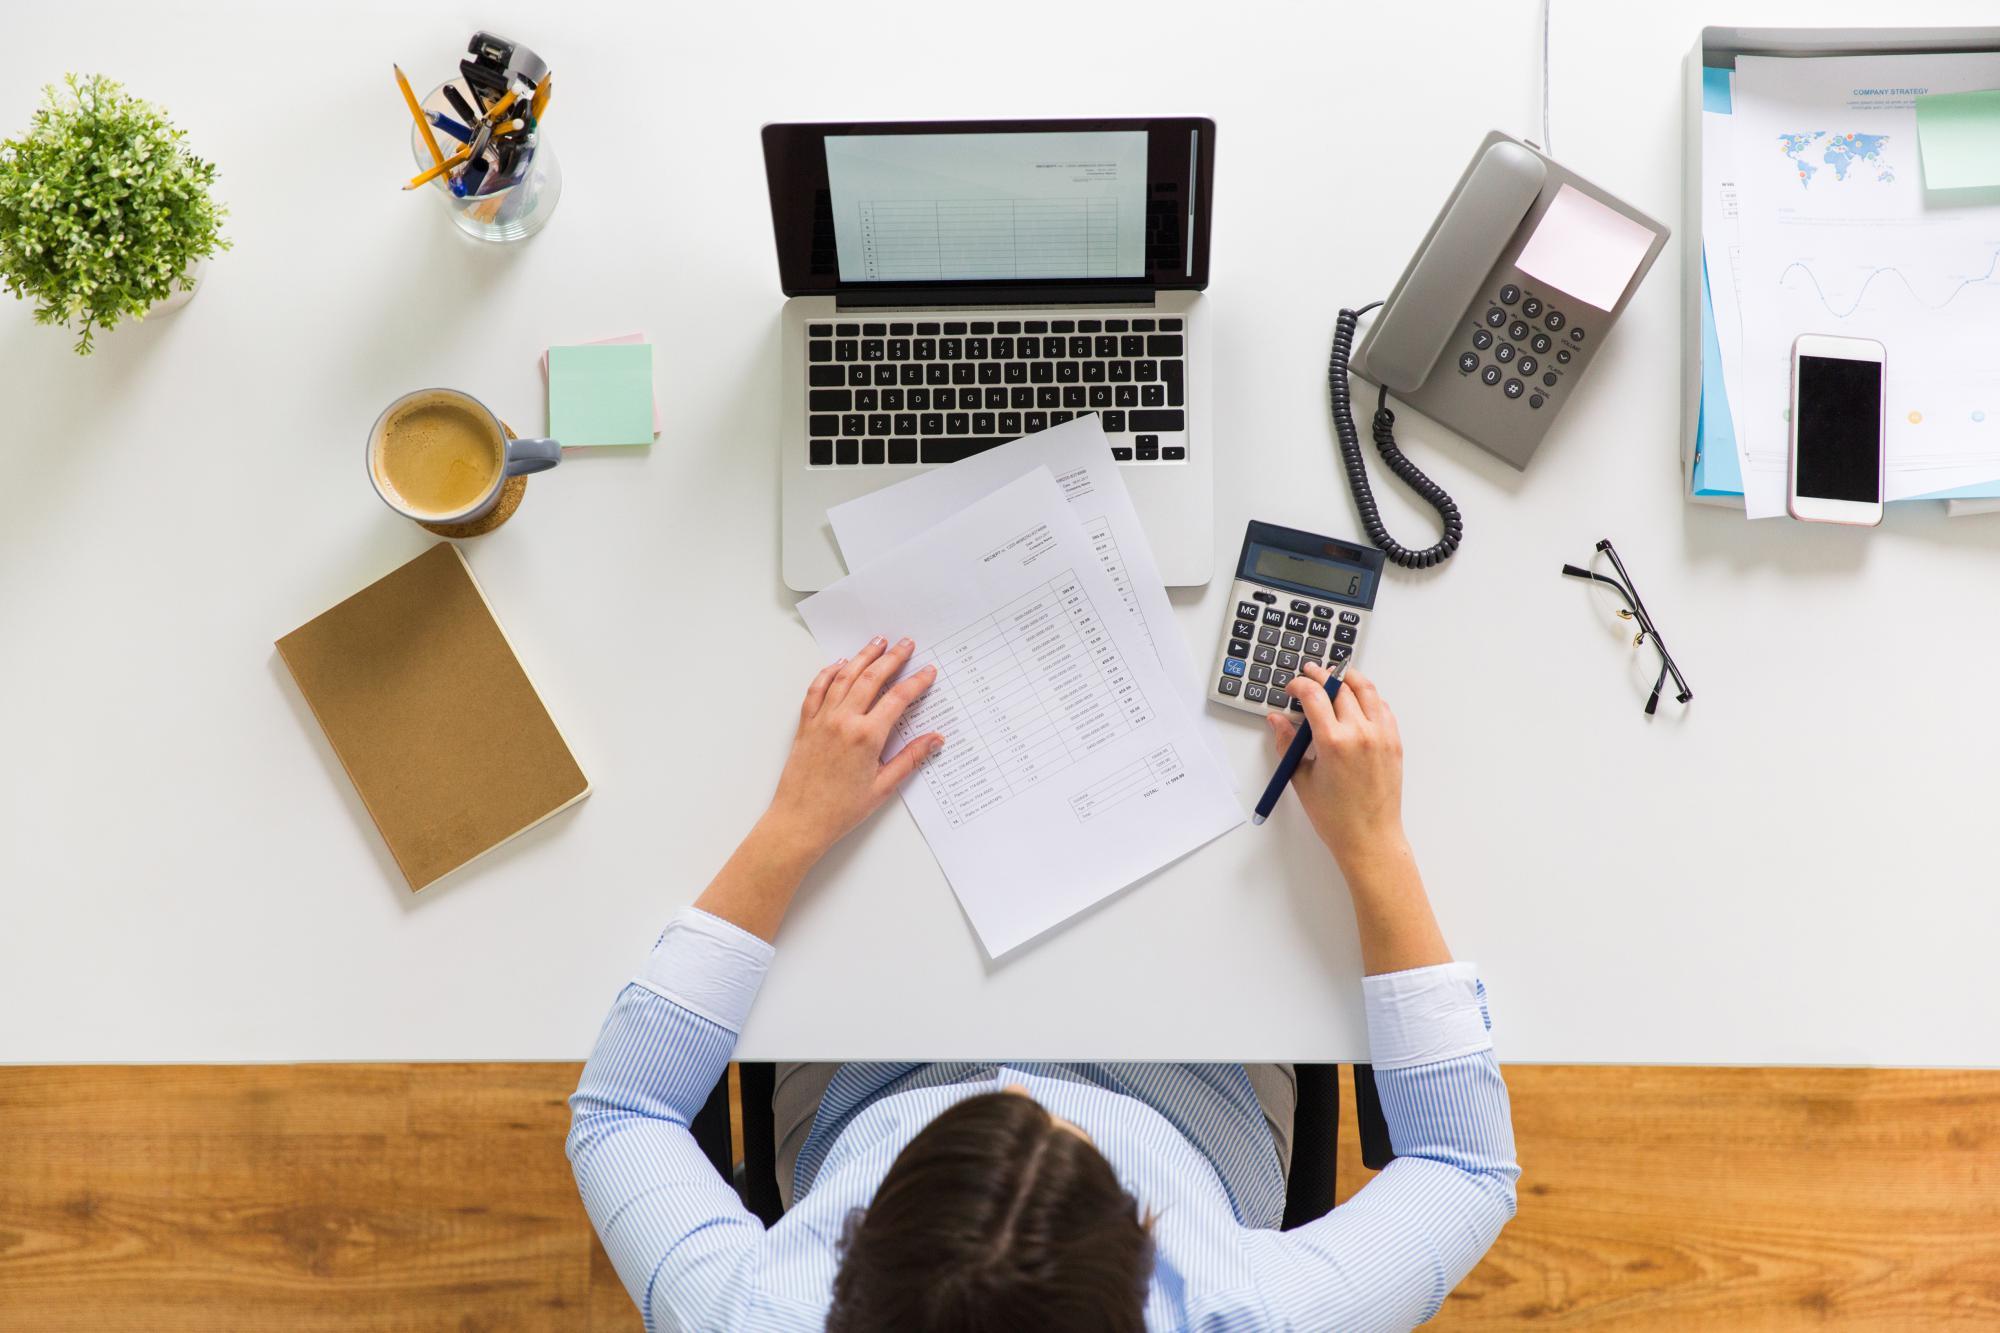 Индивидуальные предприниматели теперь тоже обязаны отчитываться о движении средств по своим заграничным счетам